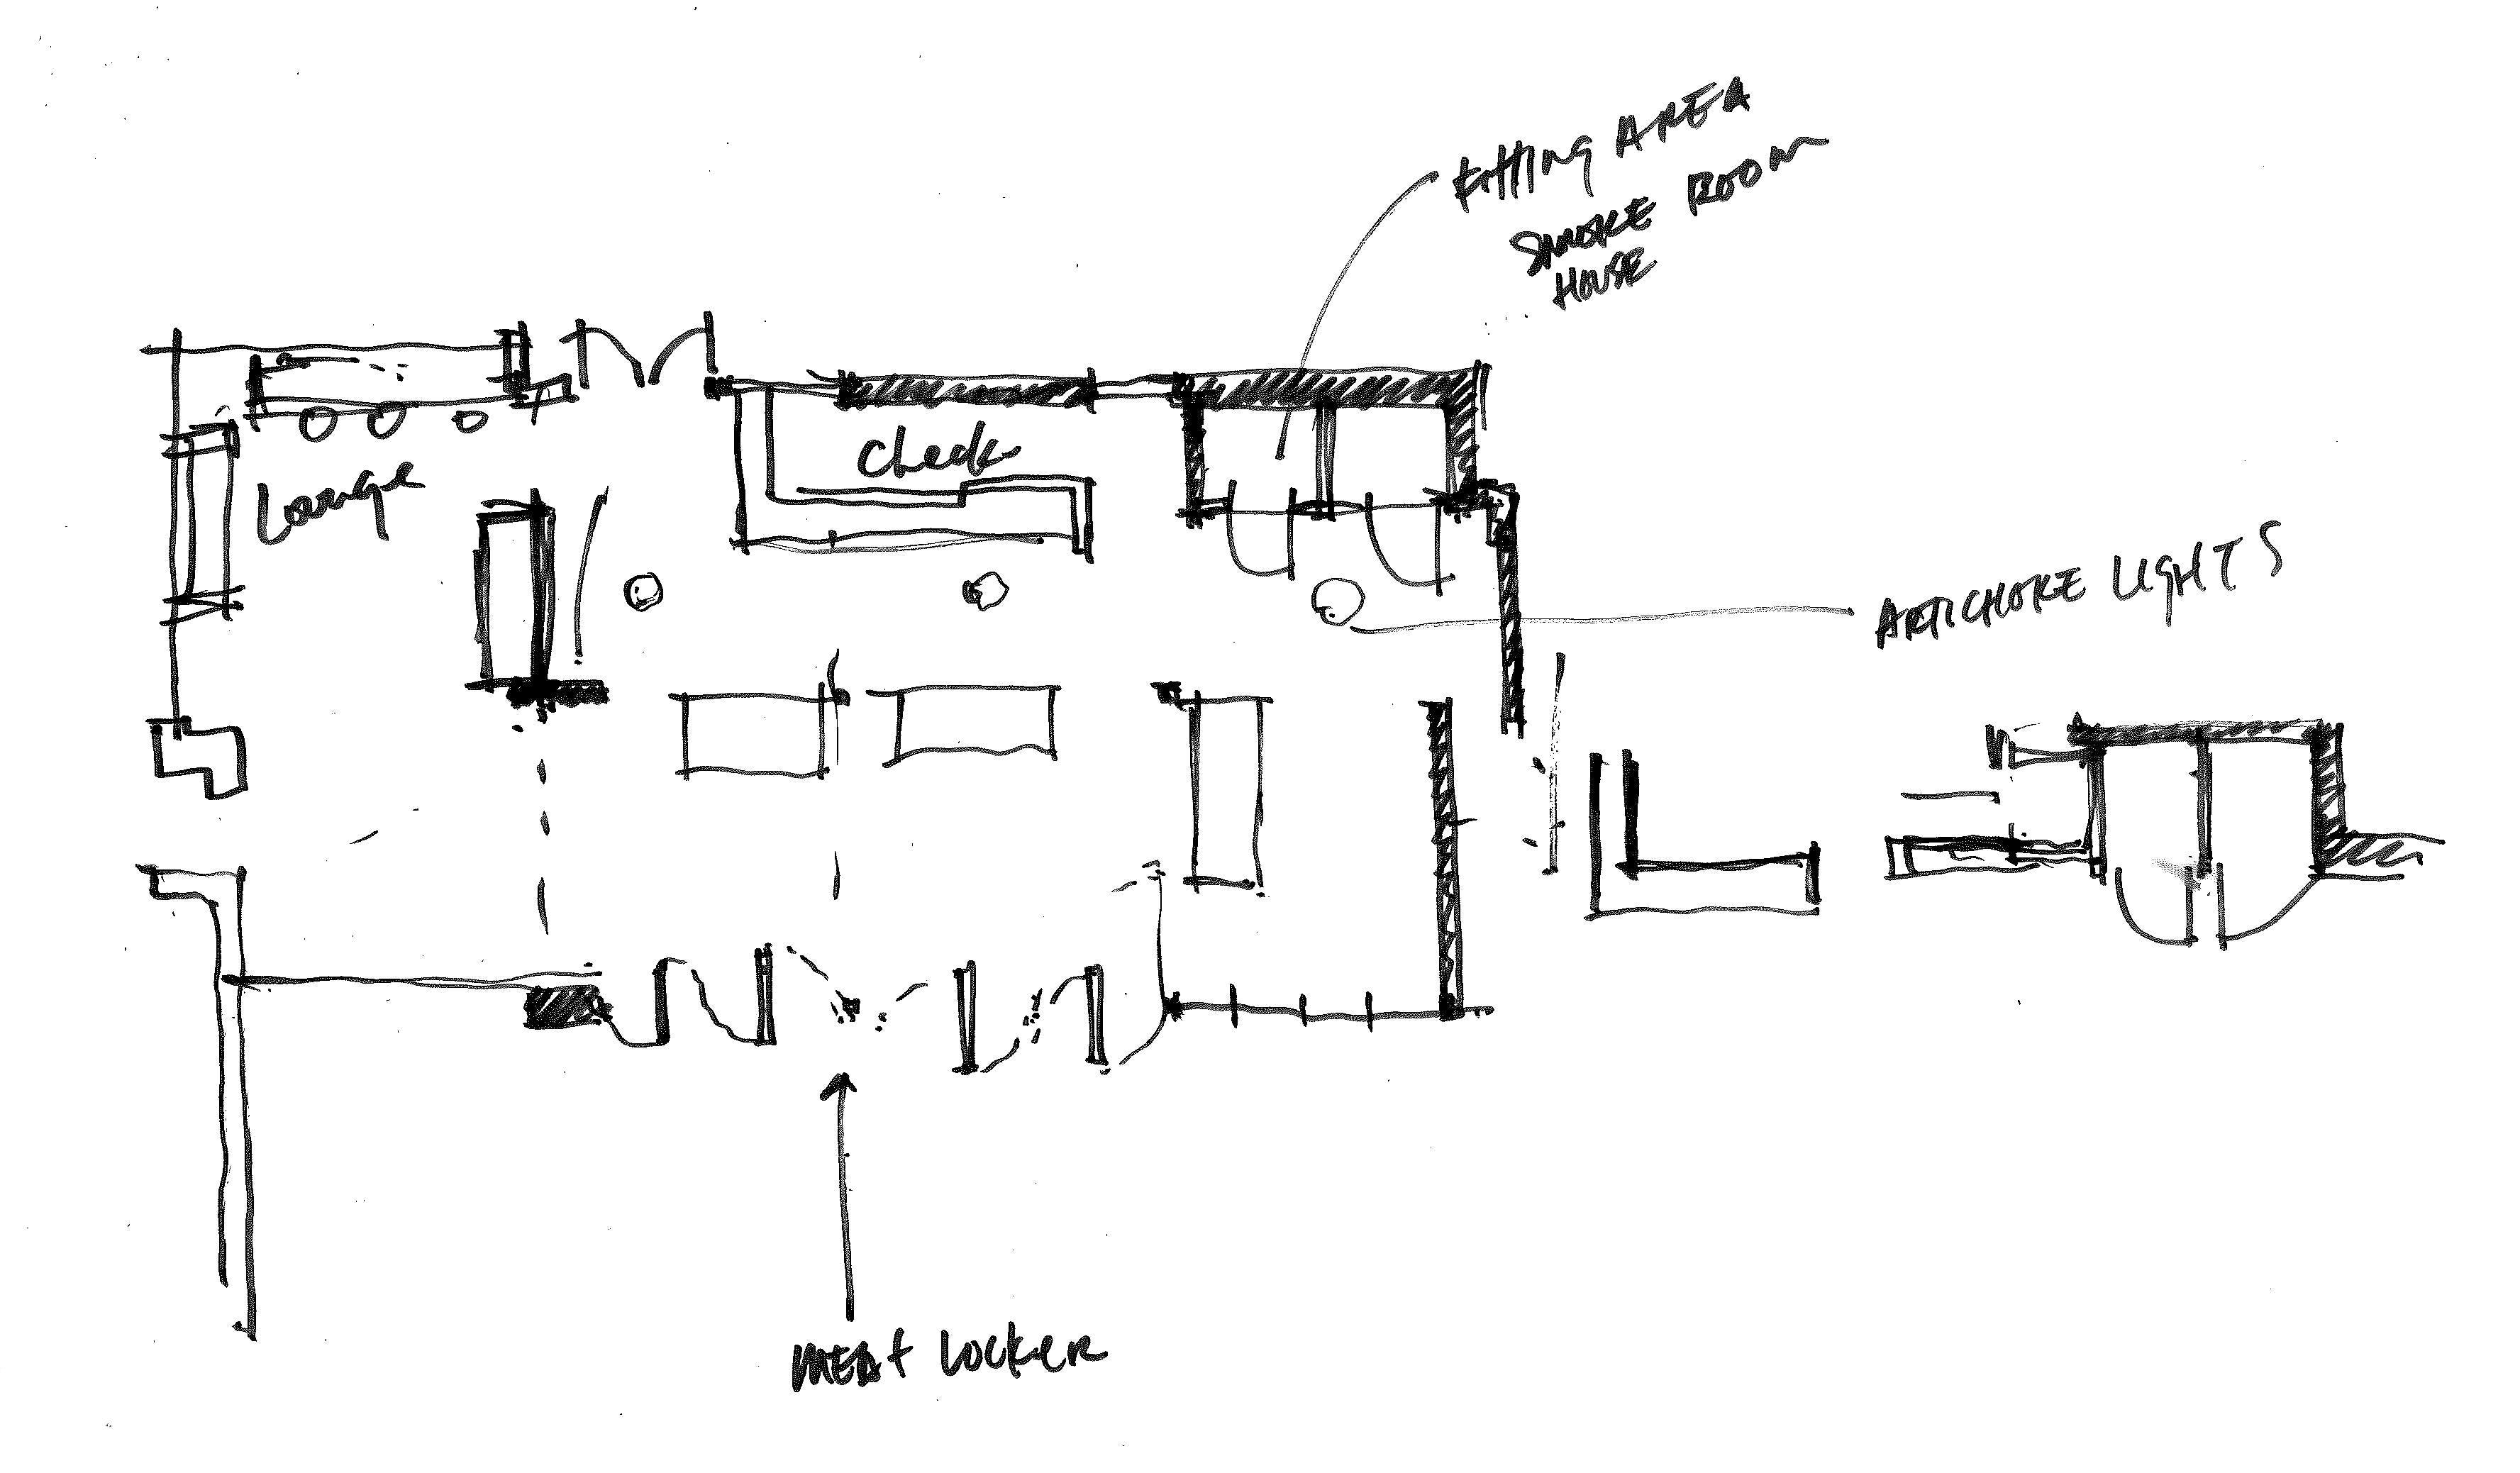 Js 01 floor plan